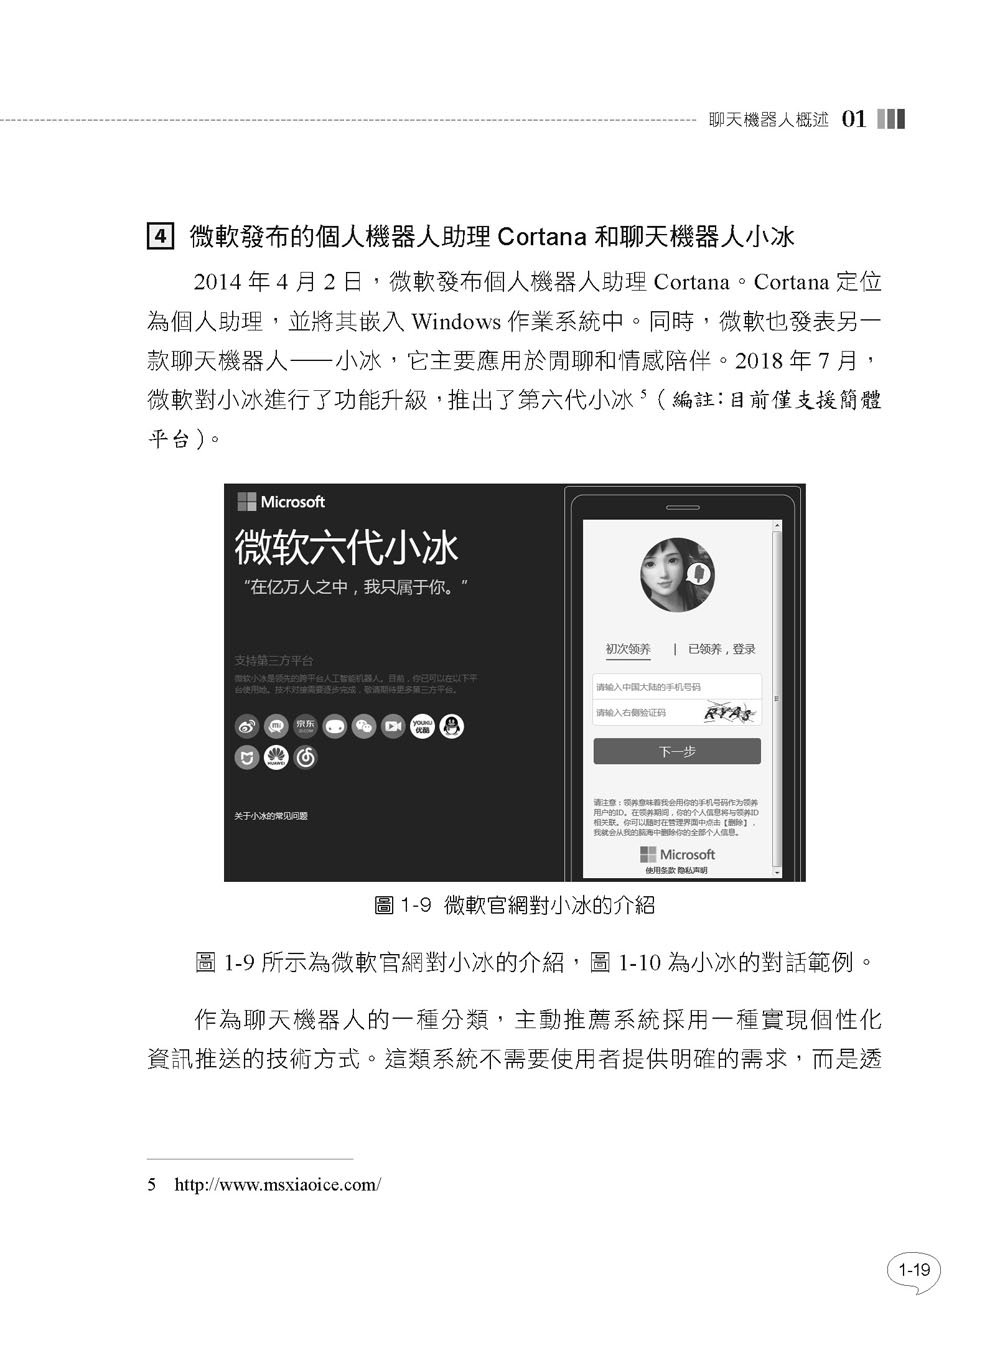 中文自然語言處理實戰:聊天機器人與深度學習整合應用-preview-8